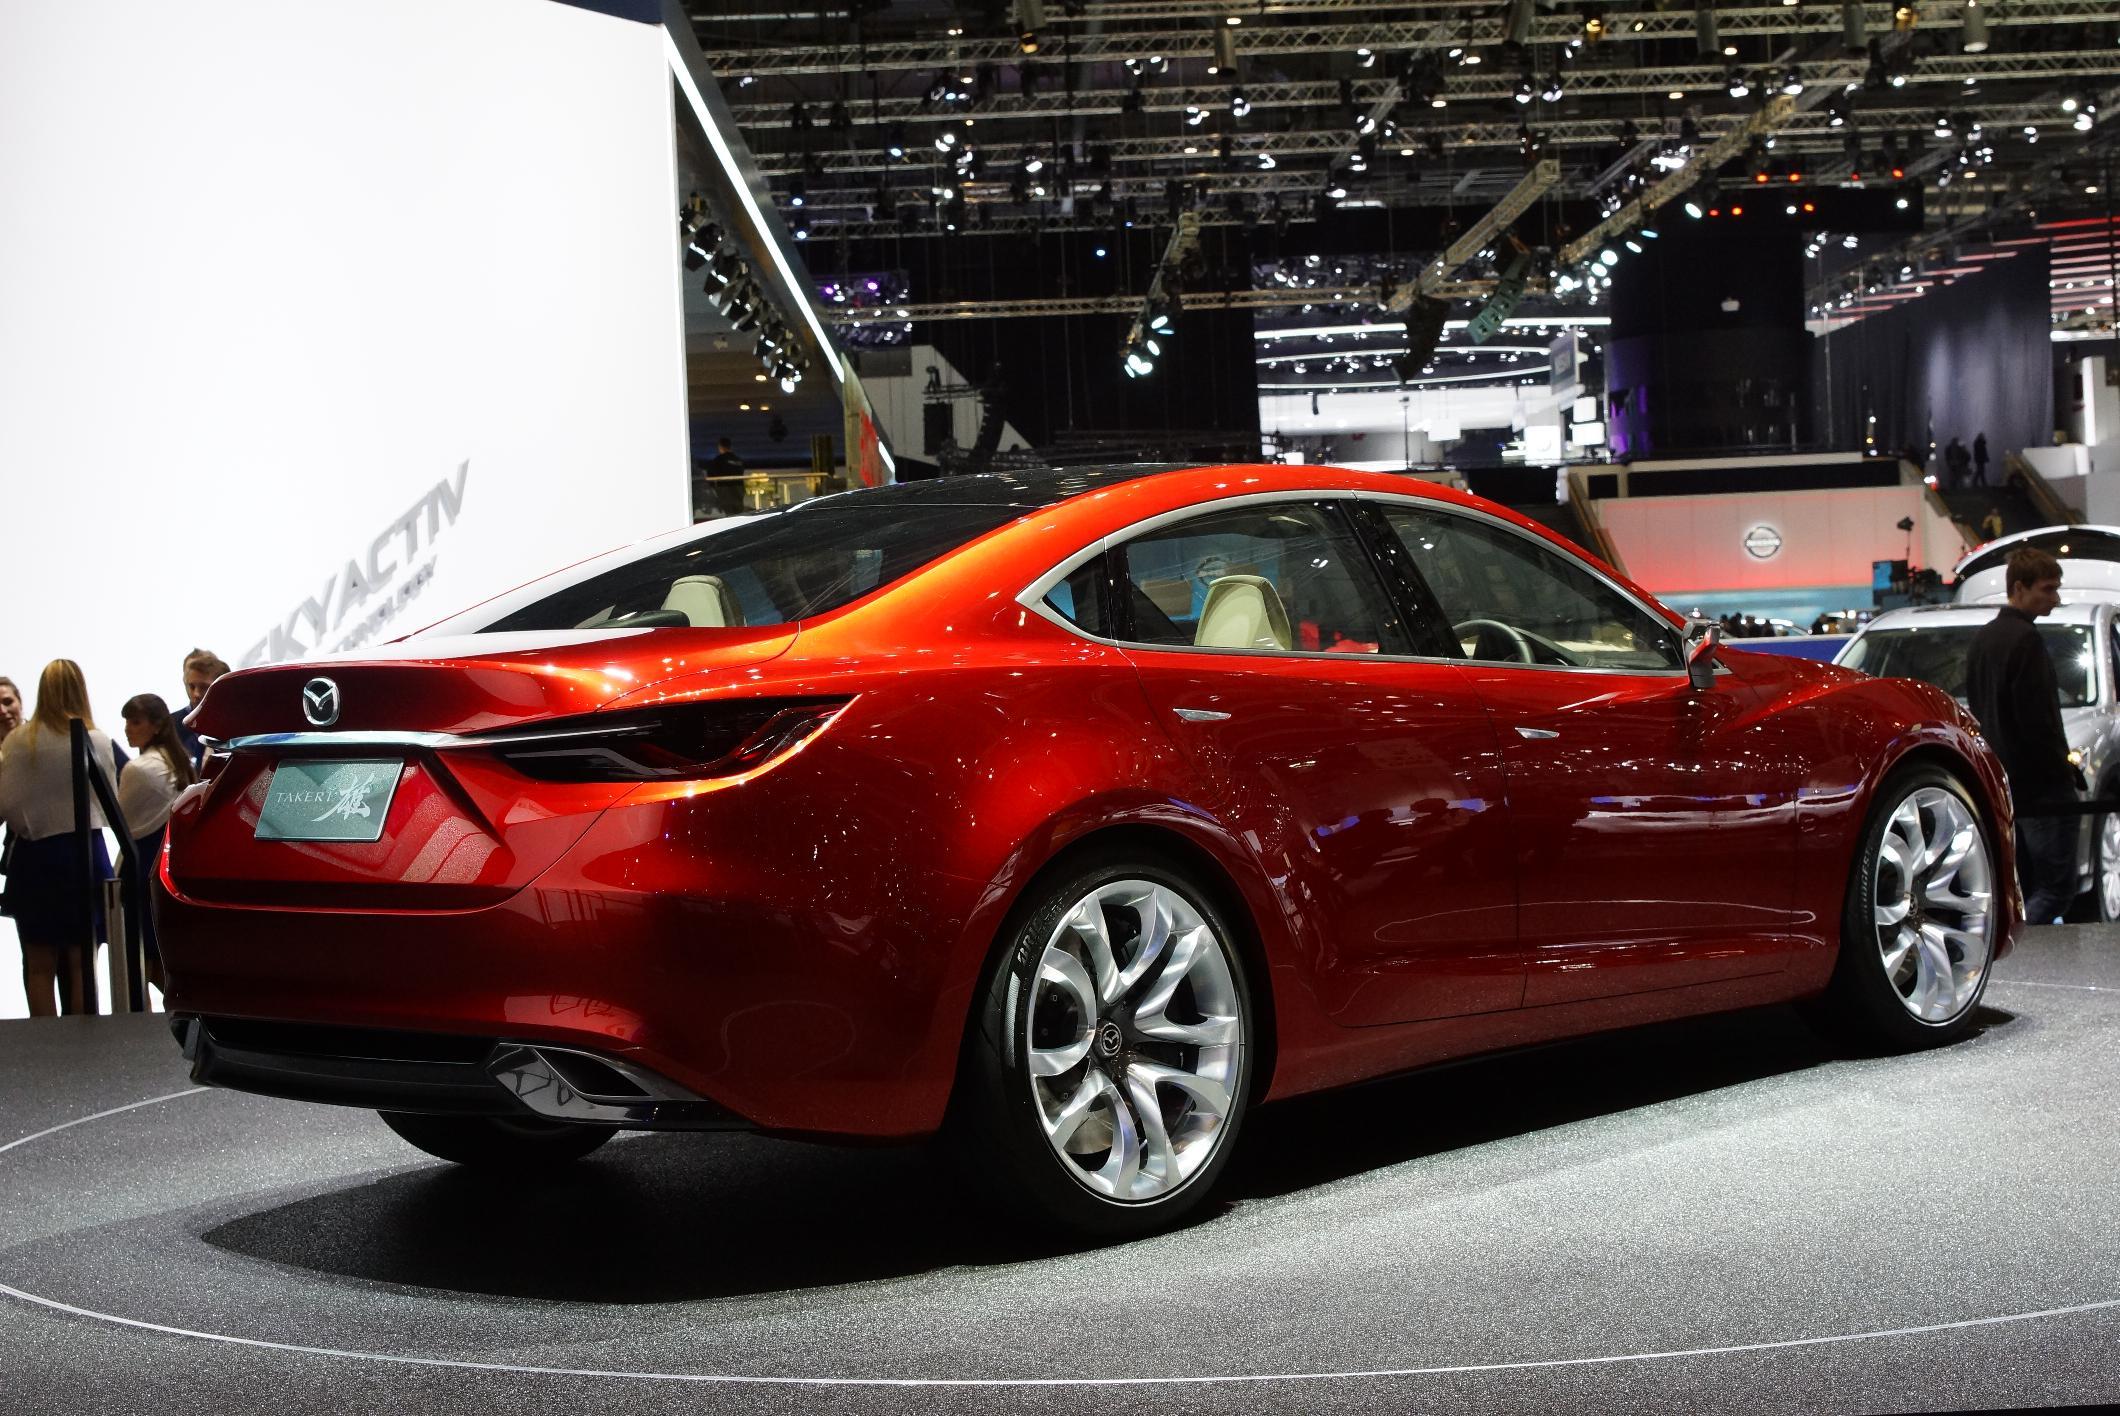 Mazda Takeri Geneva 2012 Rear